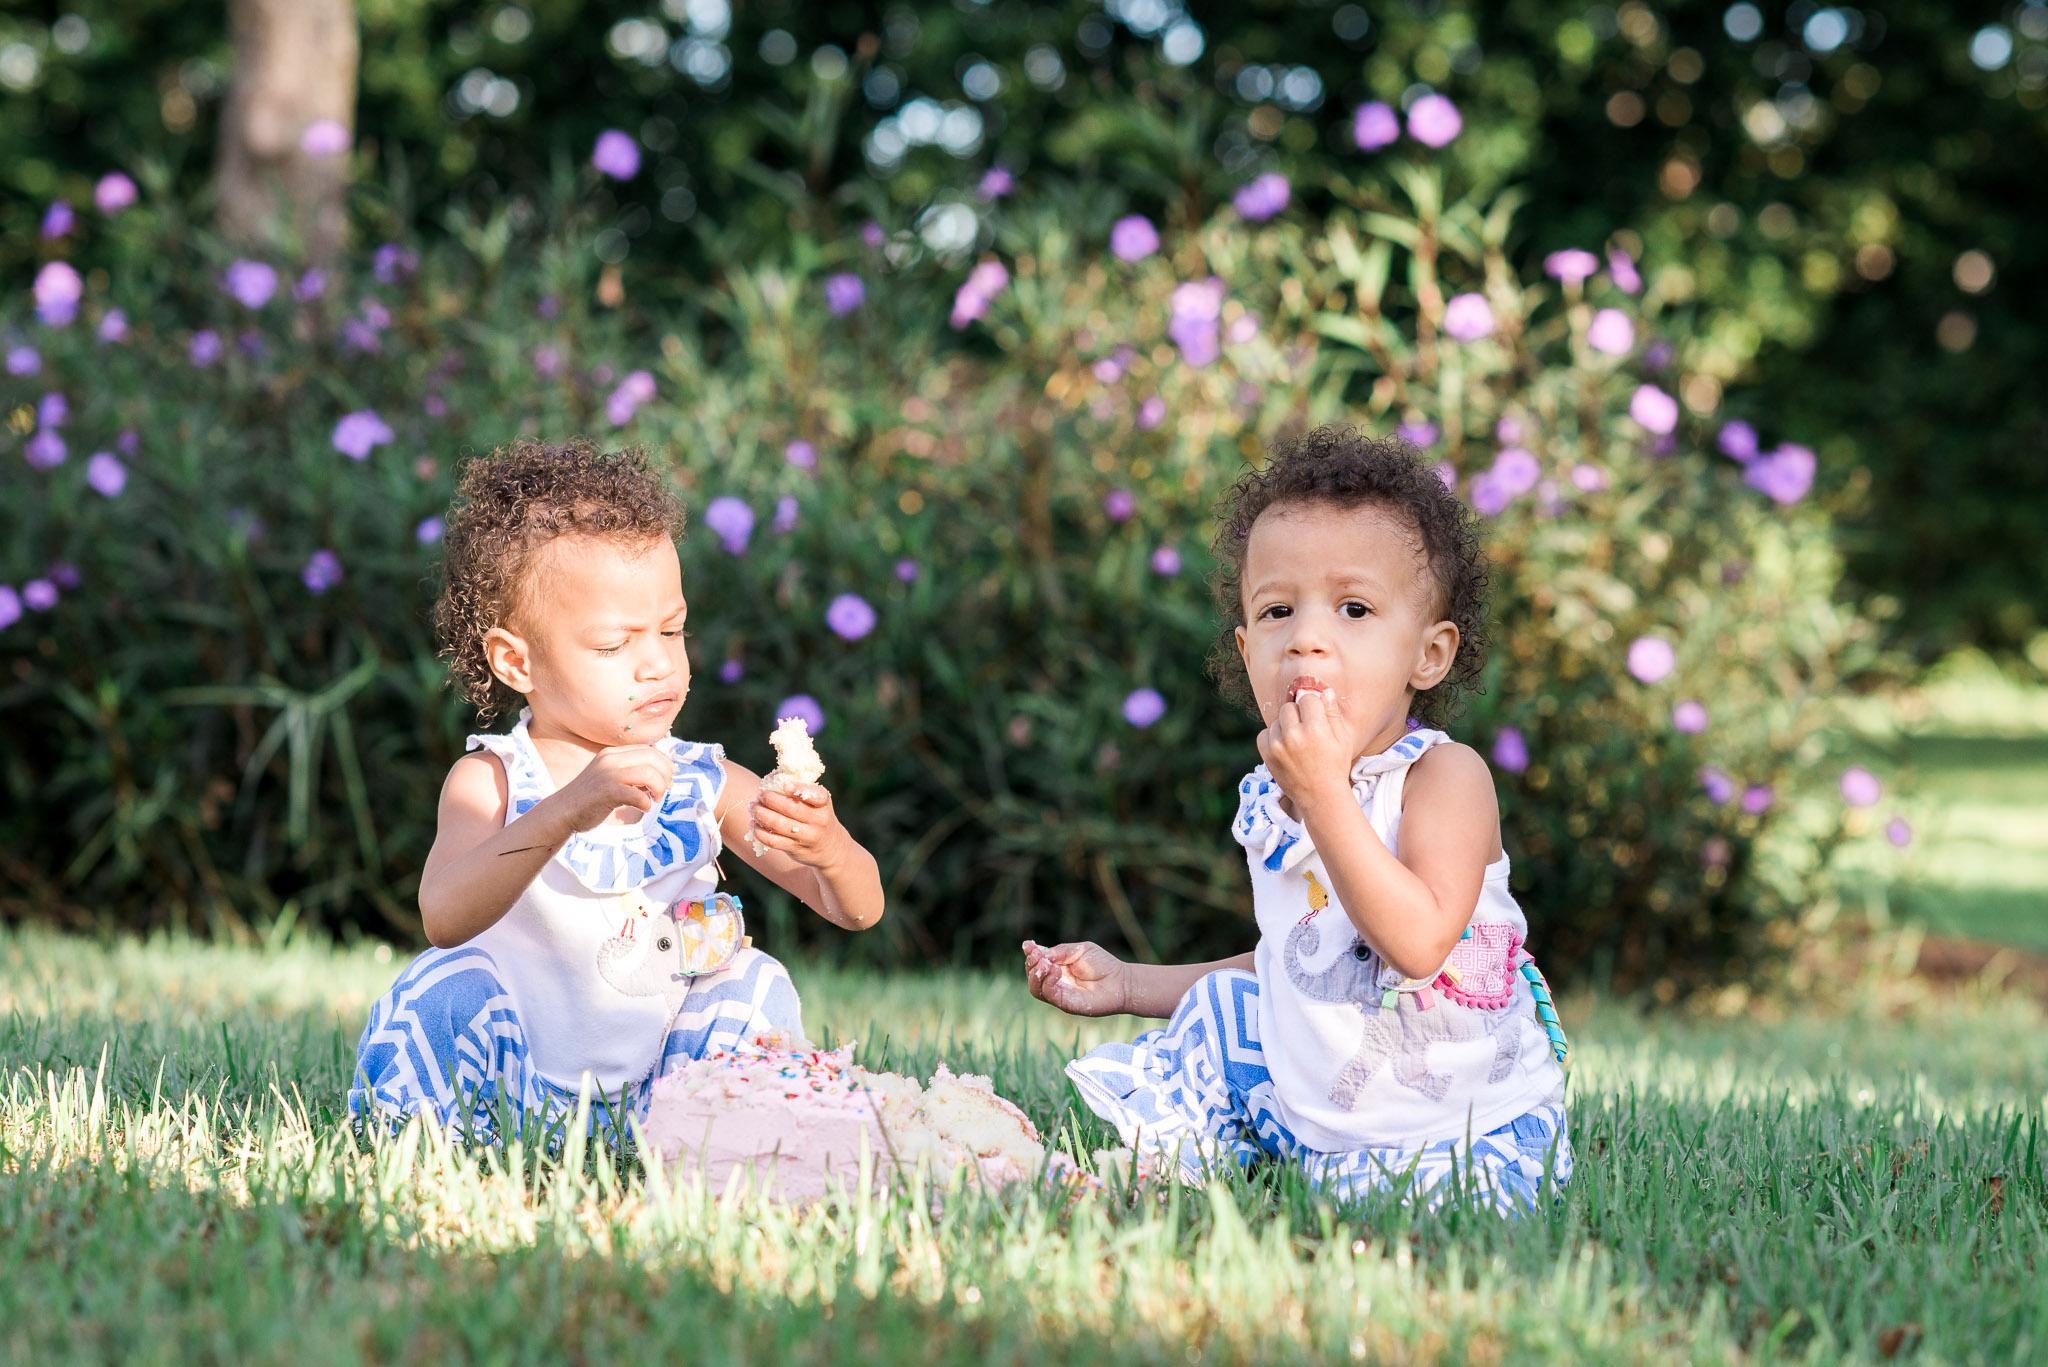 KateTaramykinStudios-Orlando-Family-Photographer-Cake-Smash-4.jpg